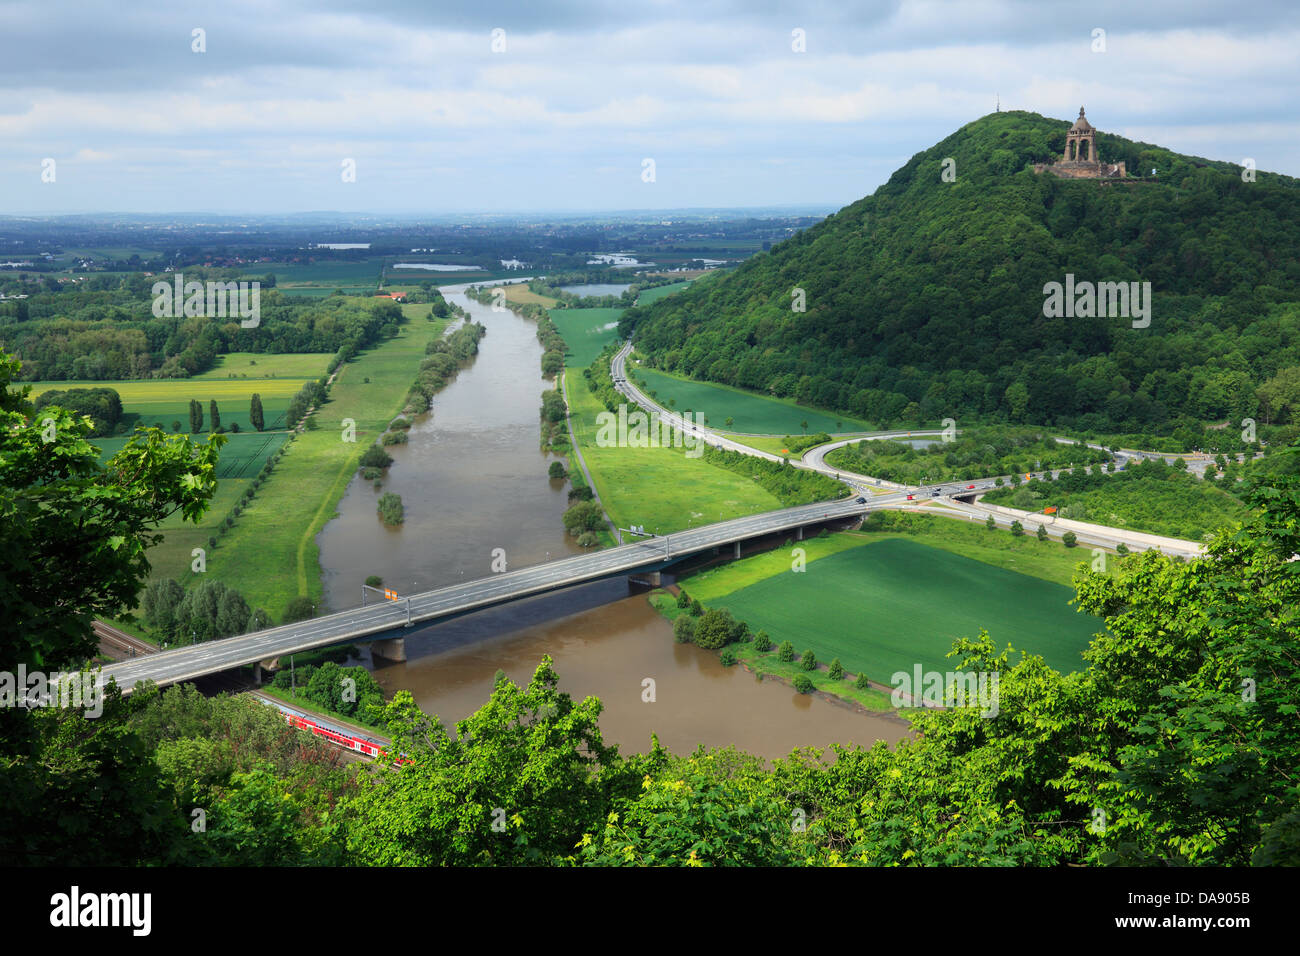 Durchbruchstal der Weser mit Durchbruch von Wiehengebirge und Wesergebirge, Blick ueber die Weserbruecke zum Wittekindsberg - Stock Image